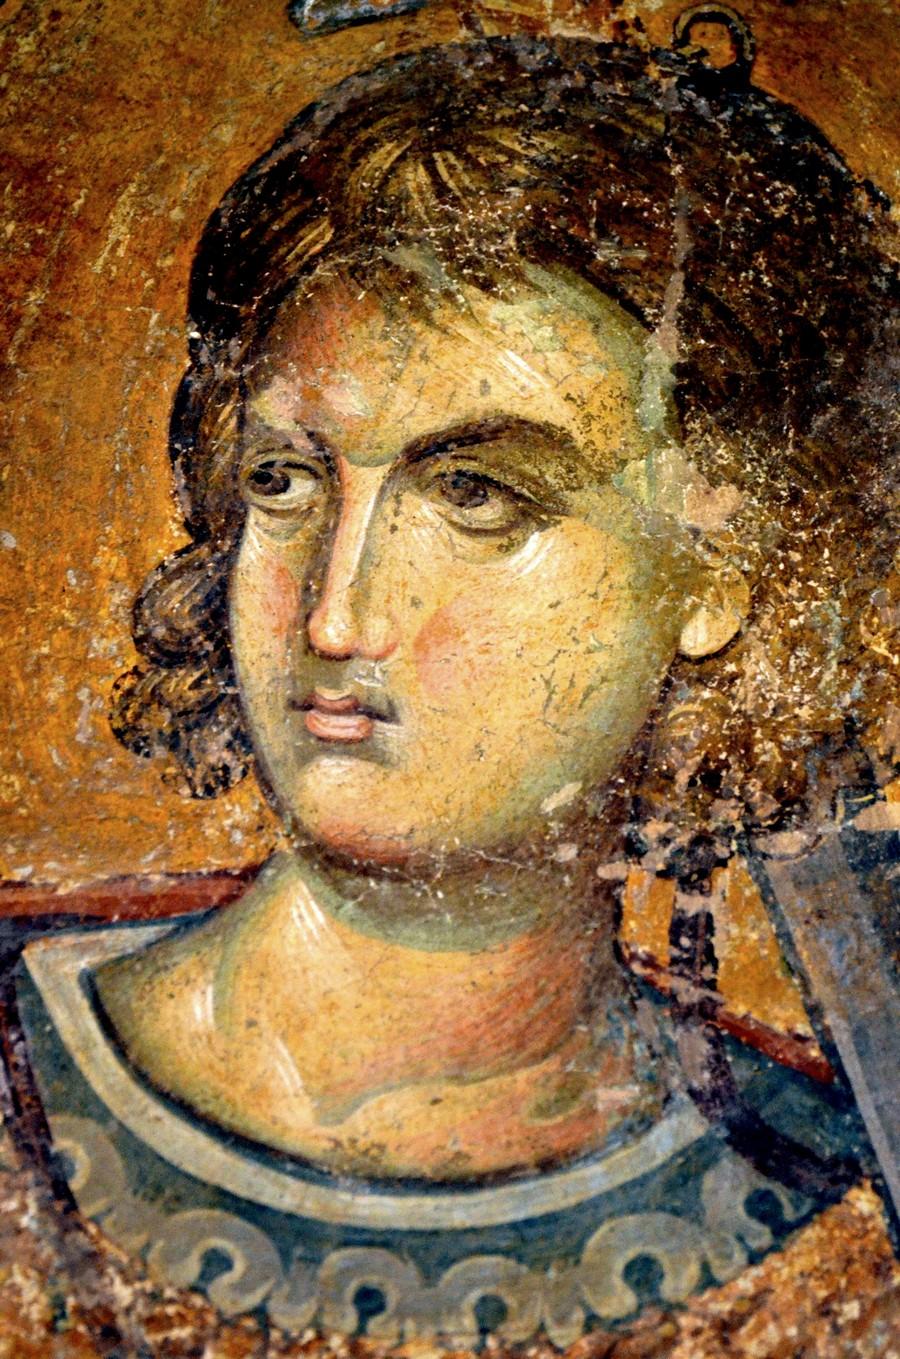 Святой Великомученик Прокопий Кесарийский. Фреска монастыря Хора в Константинополе. Около 1316 - 1321 годов.